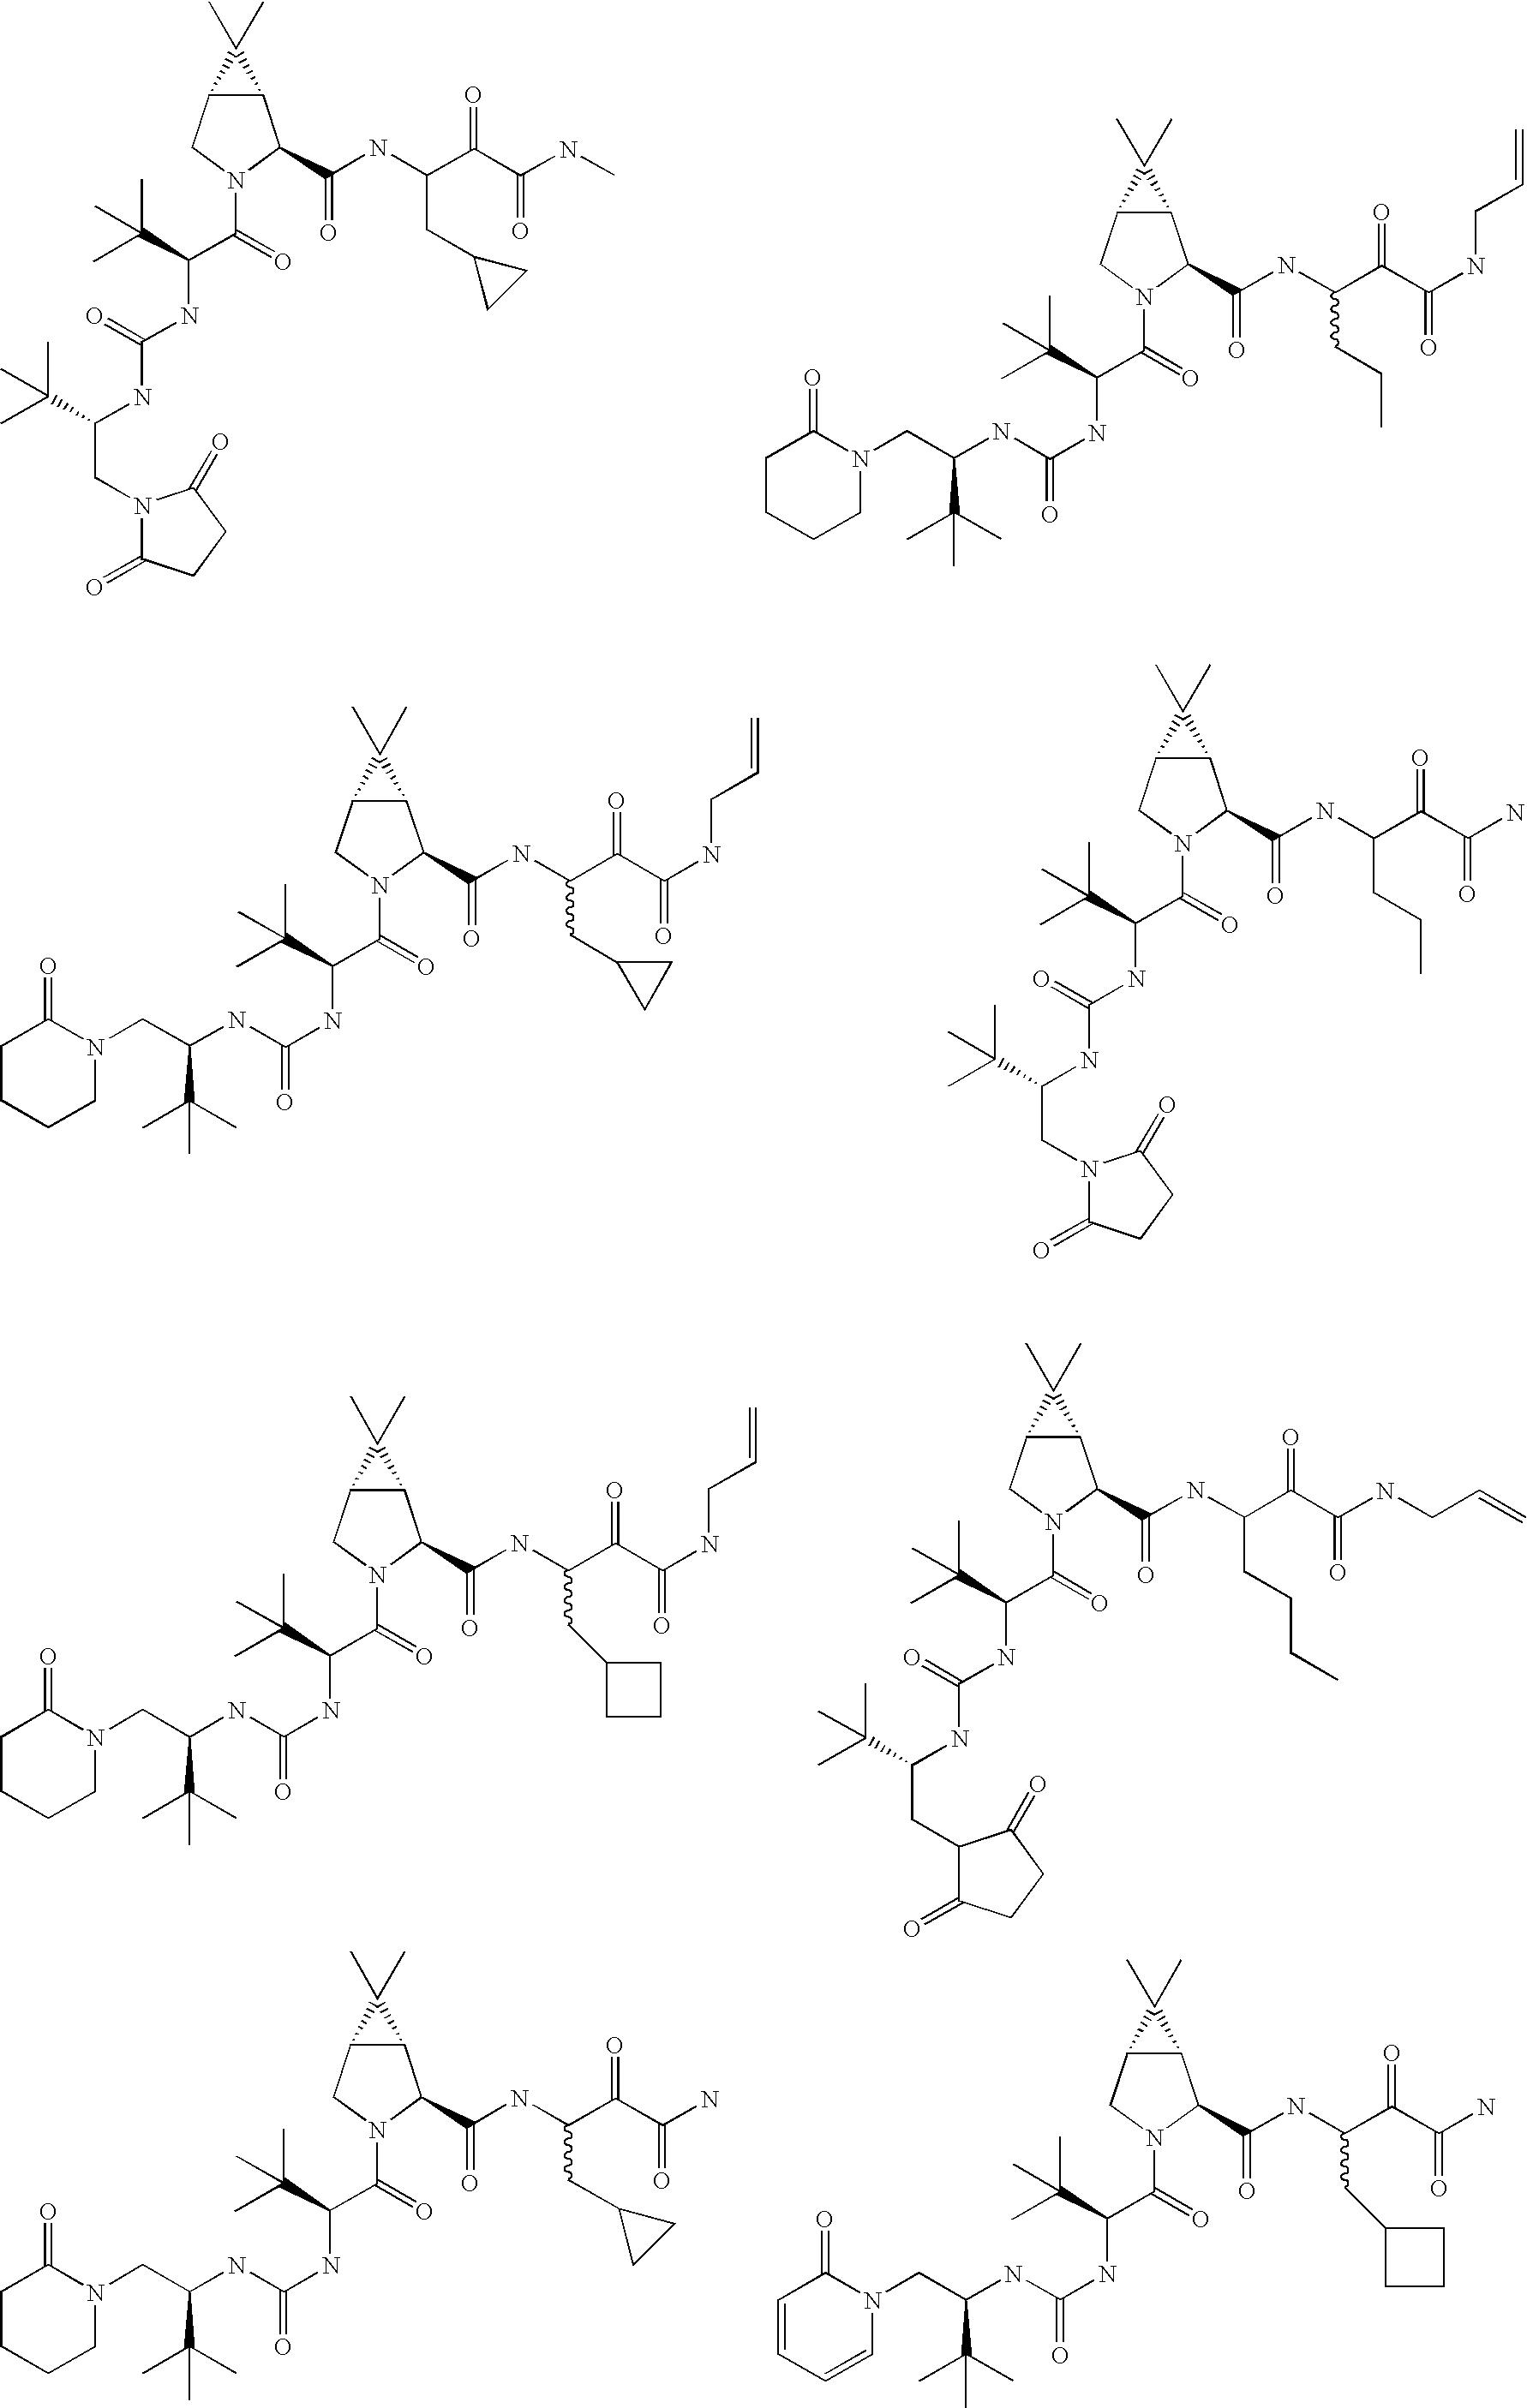 Figure US20060287248A1-20061221-C00412